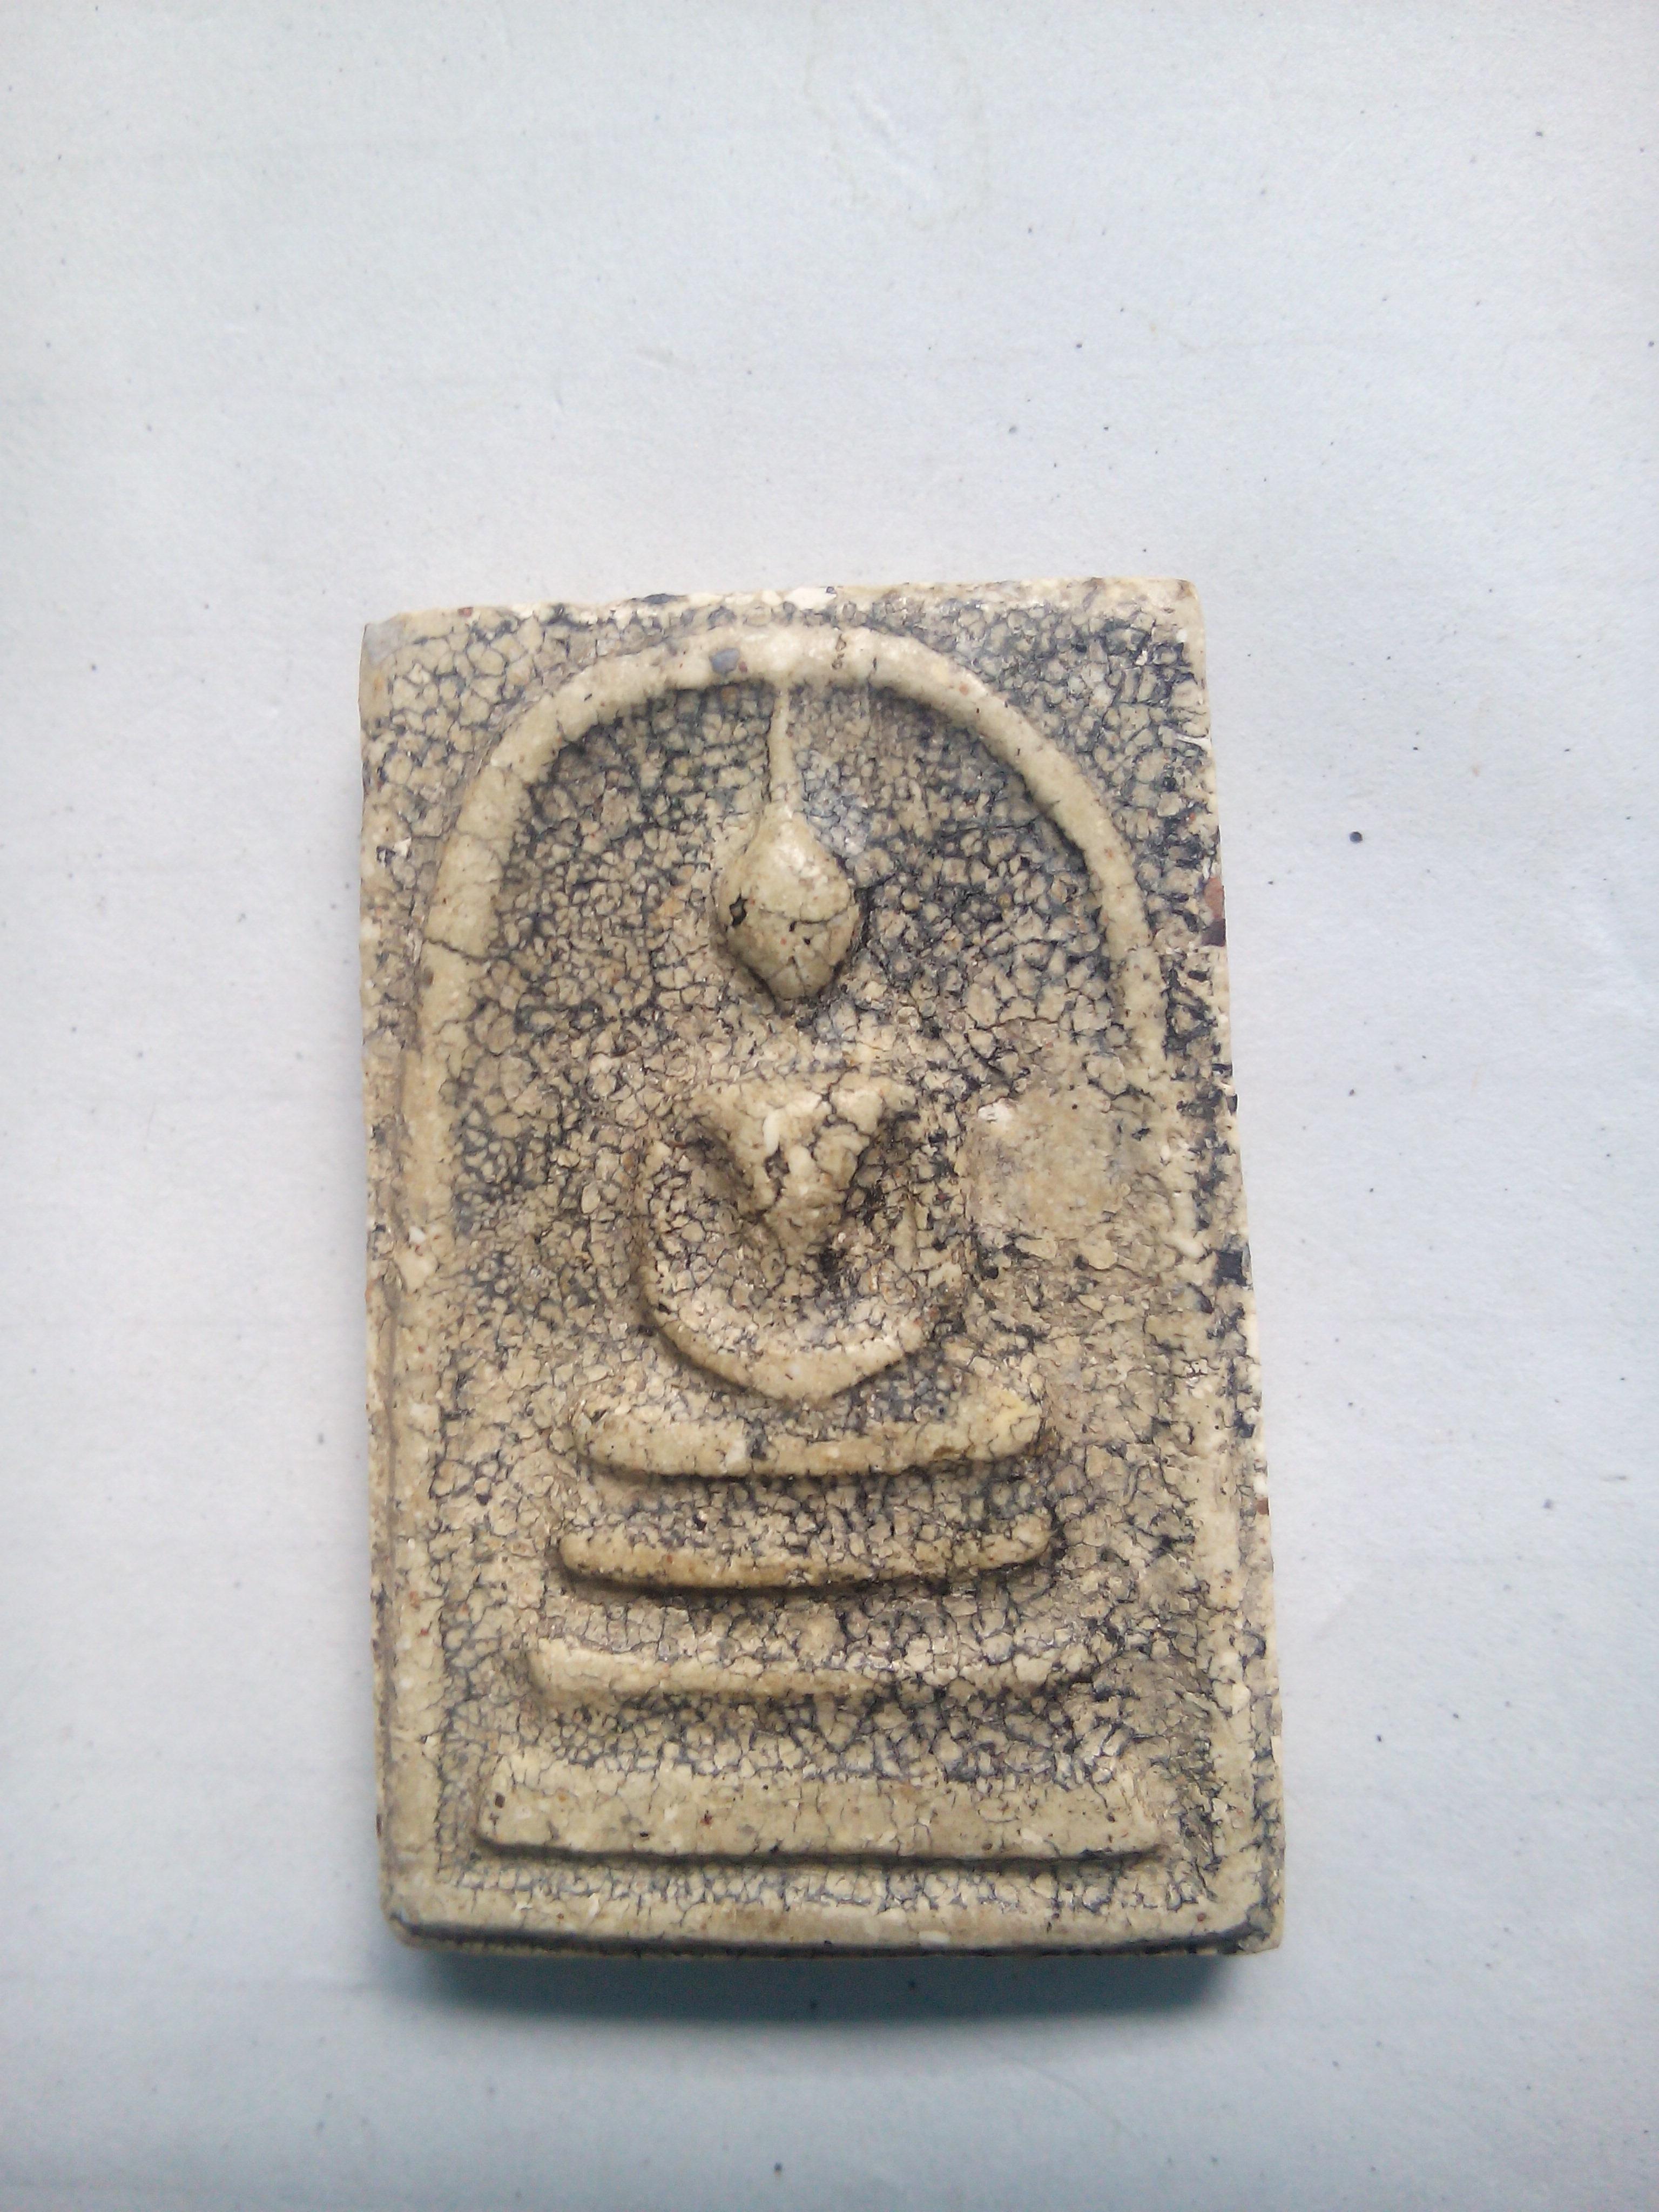 พระสมเด็จวัดระฆัง พิมพ์ใหญ่ Prasomdej watrakhang pimyai PSD06